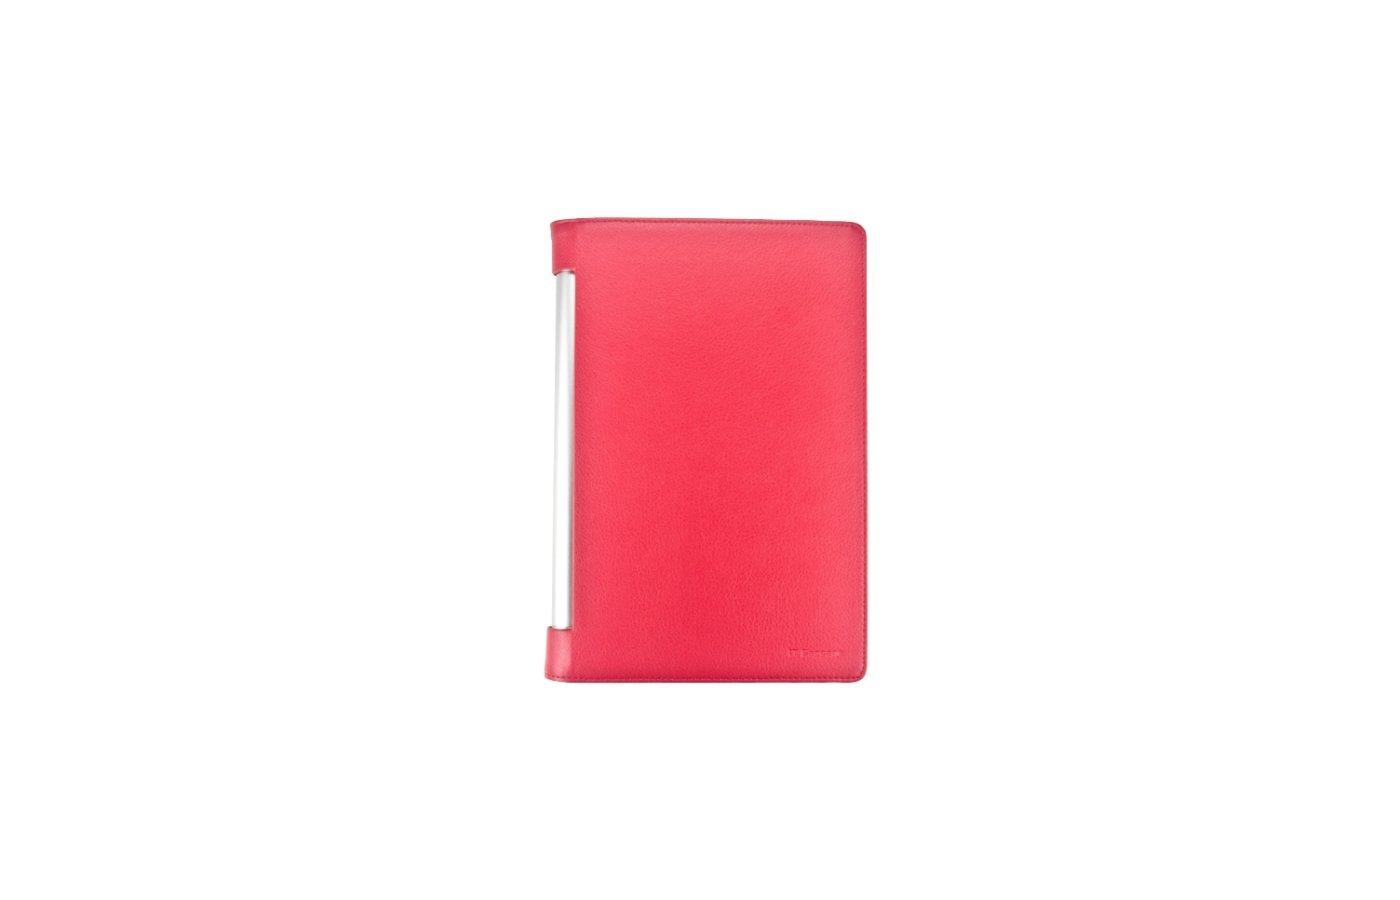 Чехол для планшетного ПК IT BAGGAGE для LENOVO Yoga Tablet 2 10 искус. кожа красный ITLNY210-3